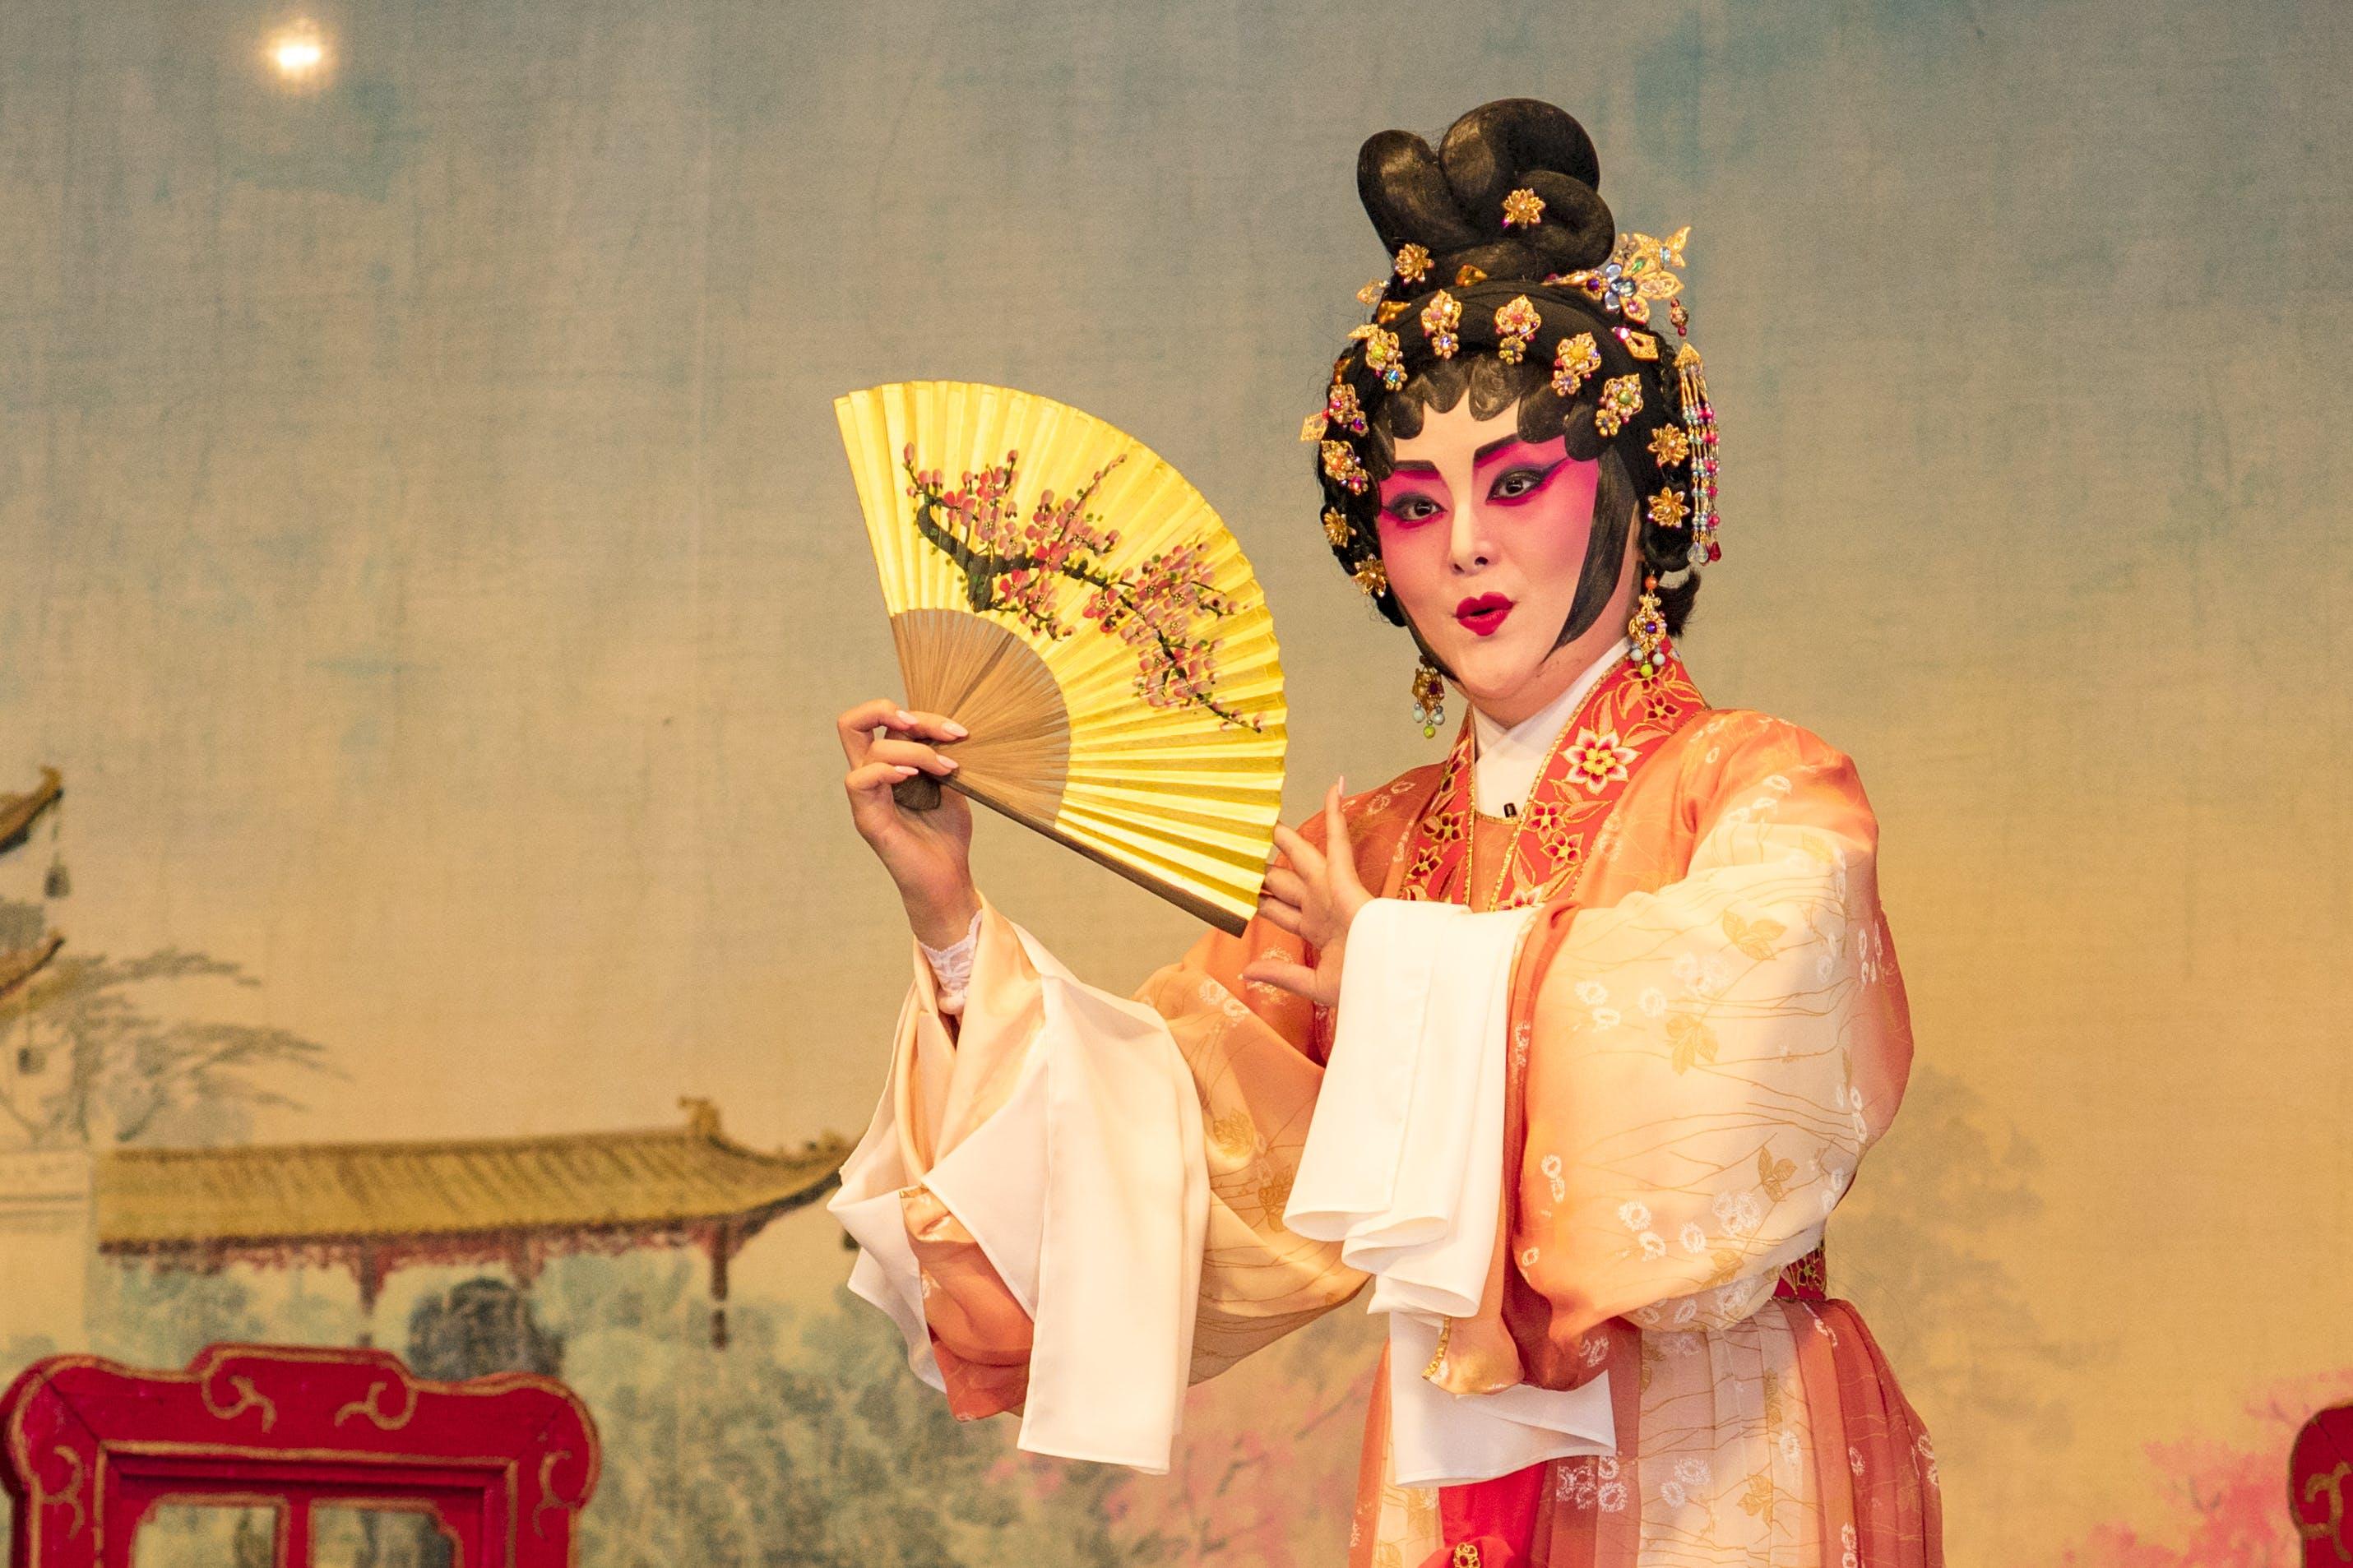 Kostenloses Stock Foto zu asiatische frau, frau, kleid, kleidung